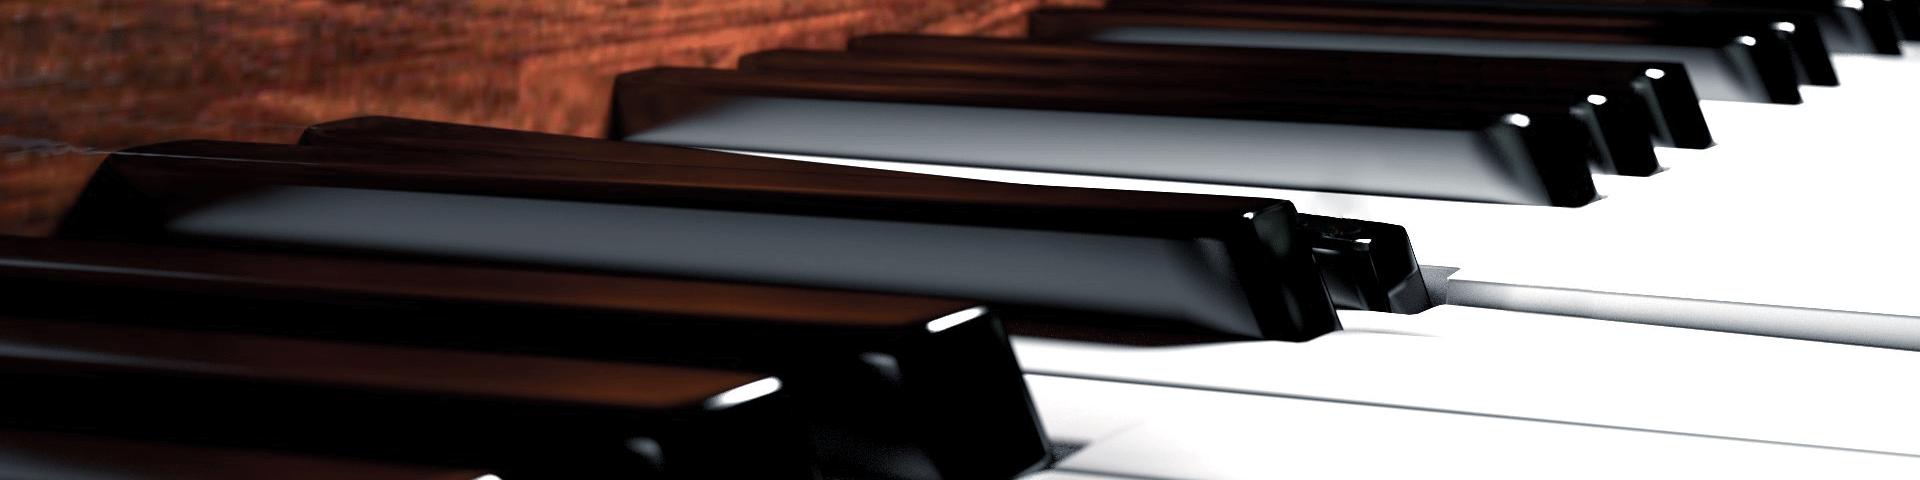 石家庄二手钢琴价格